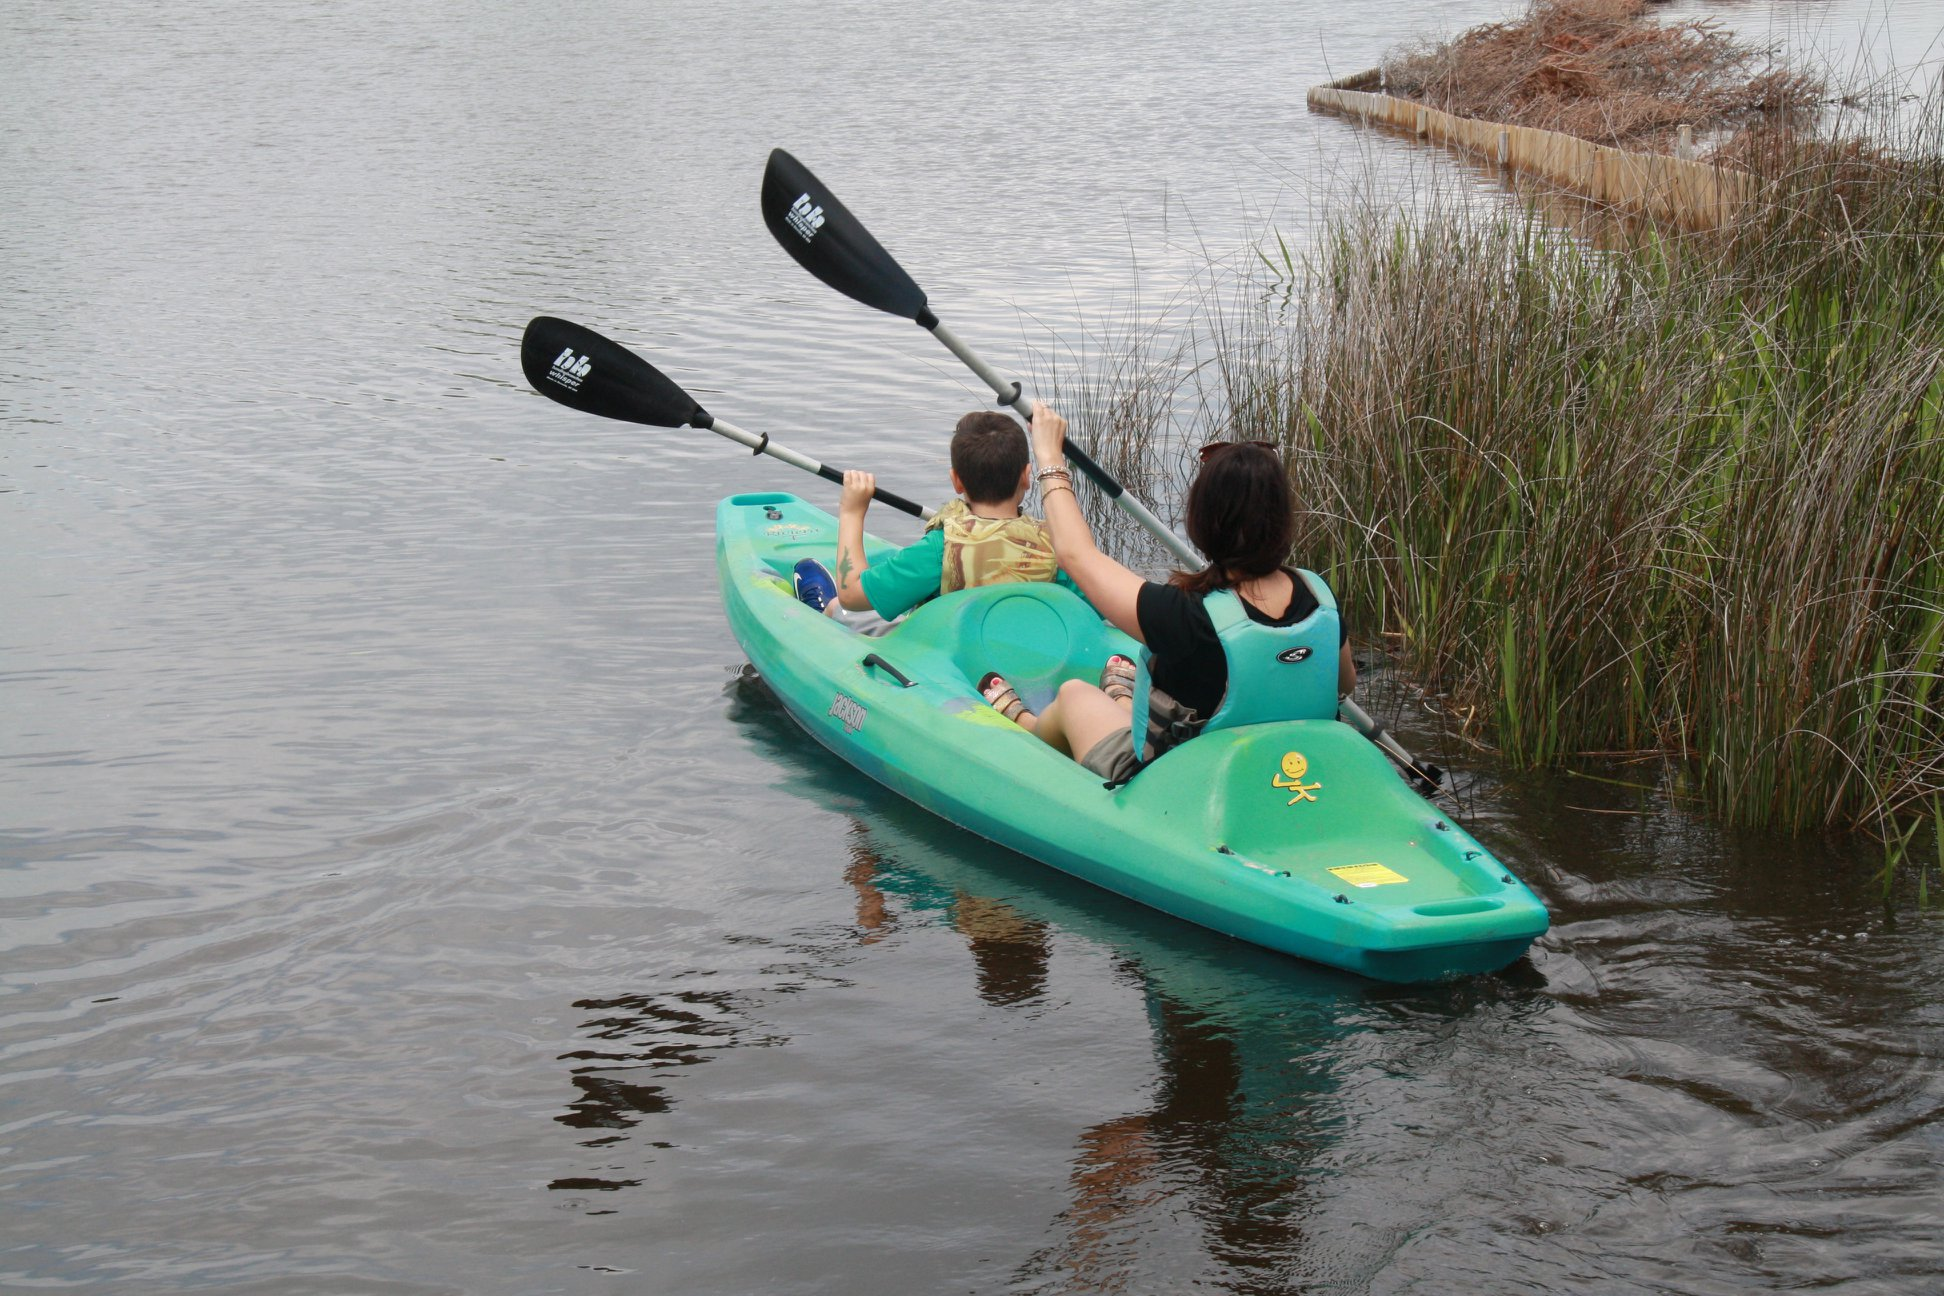 kayak pascagoula river audubon center.jpg